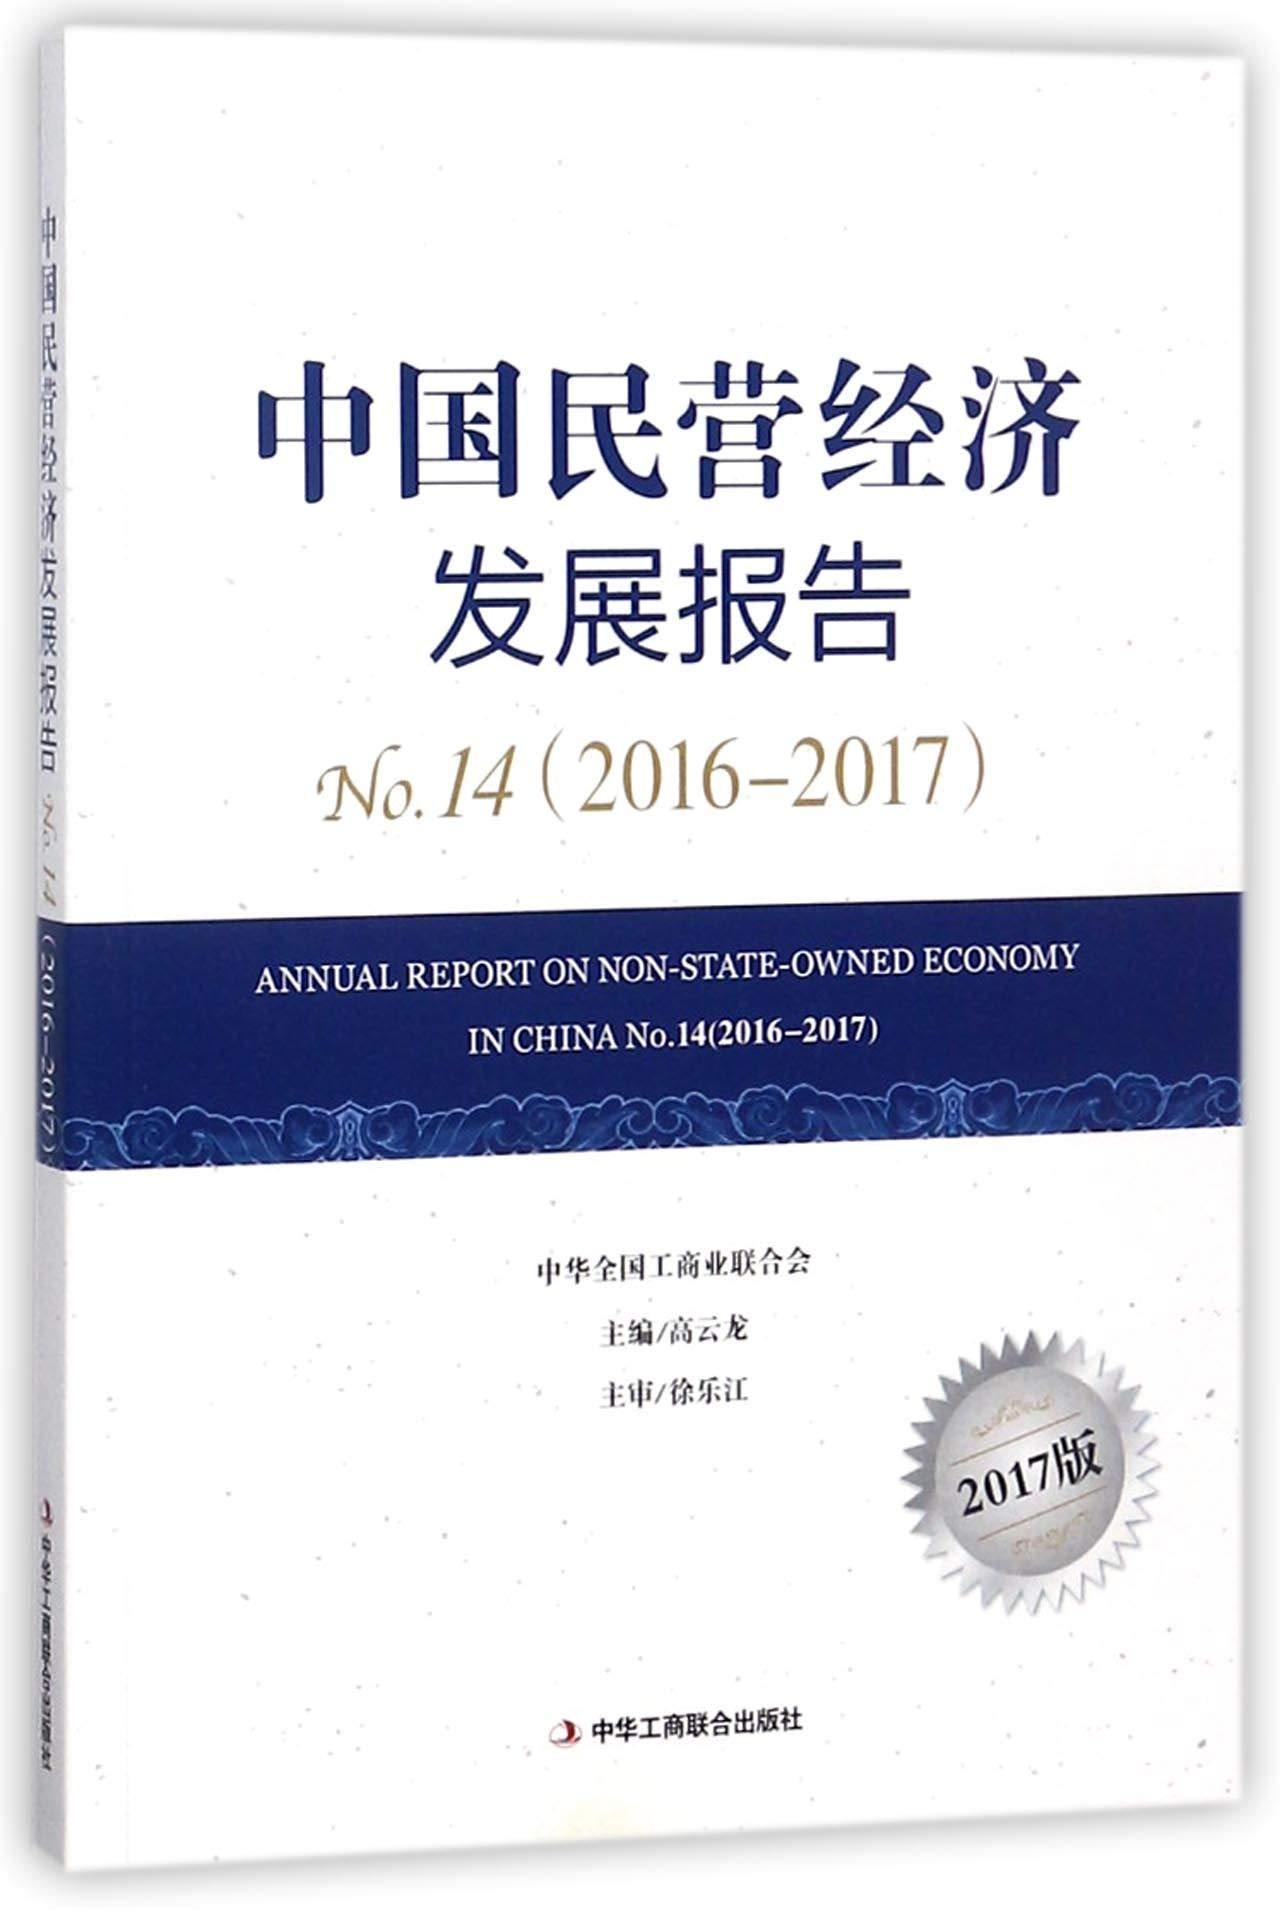 中国民营经济发展报告(2017版No.14 2016-2017) pdf